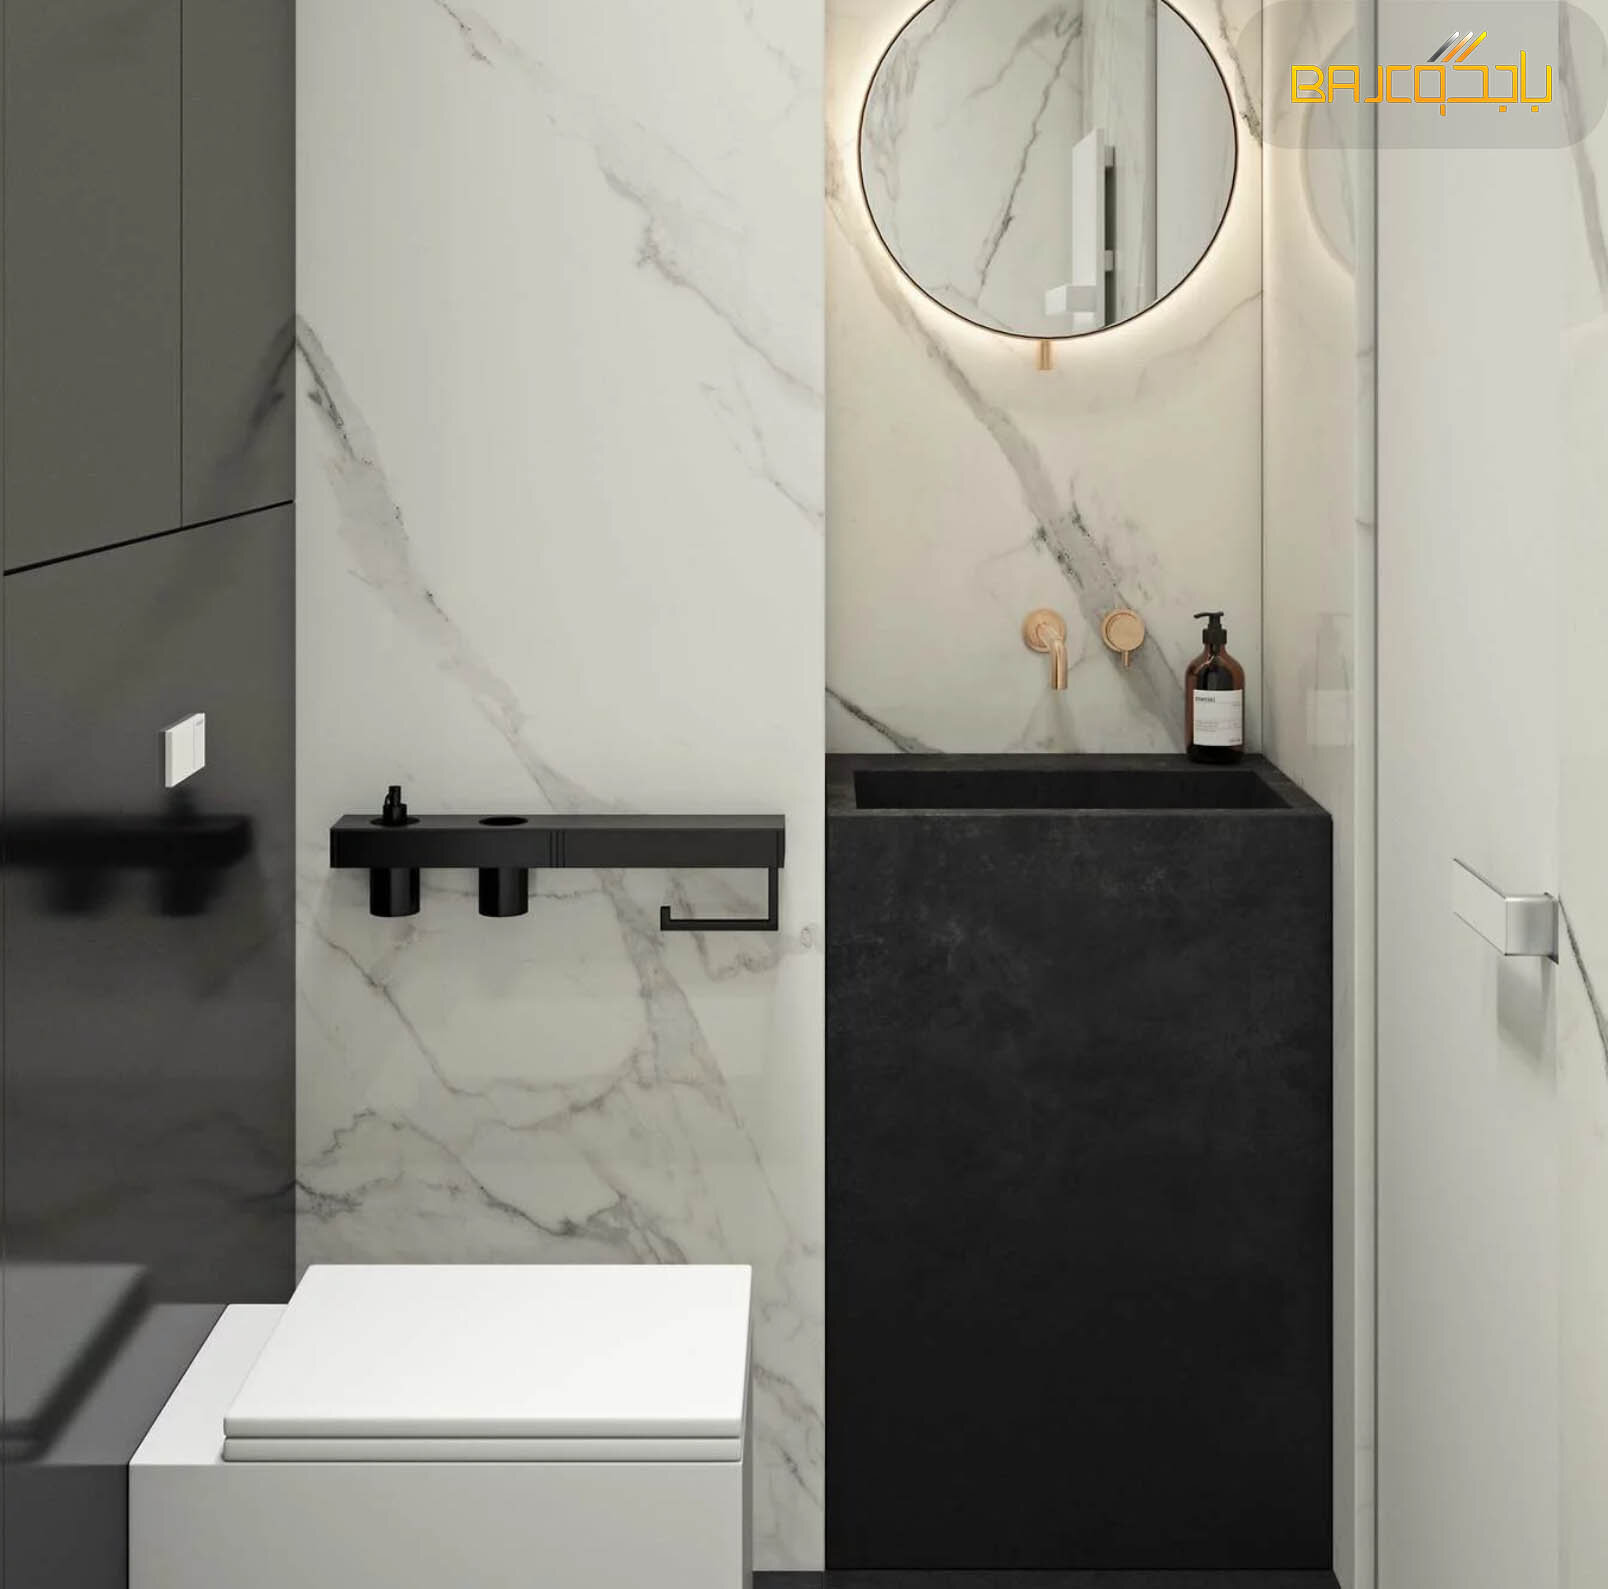 تصاميم مغاسل رخام للحمامات باجكو للرخام